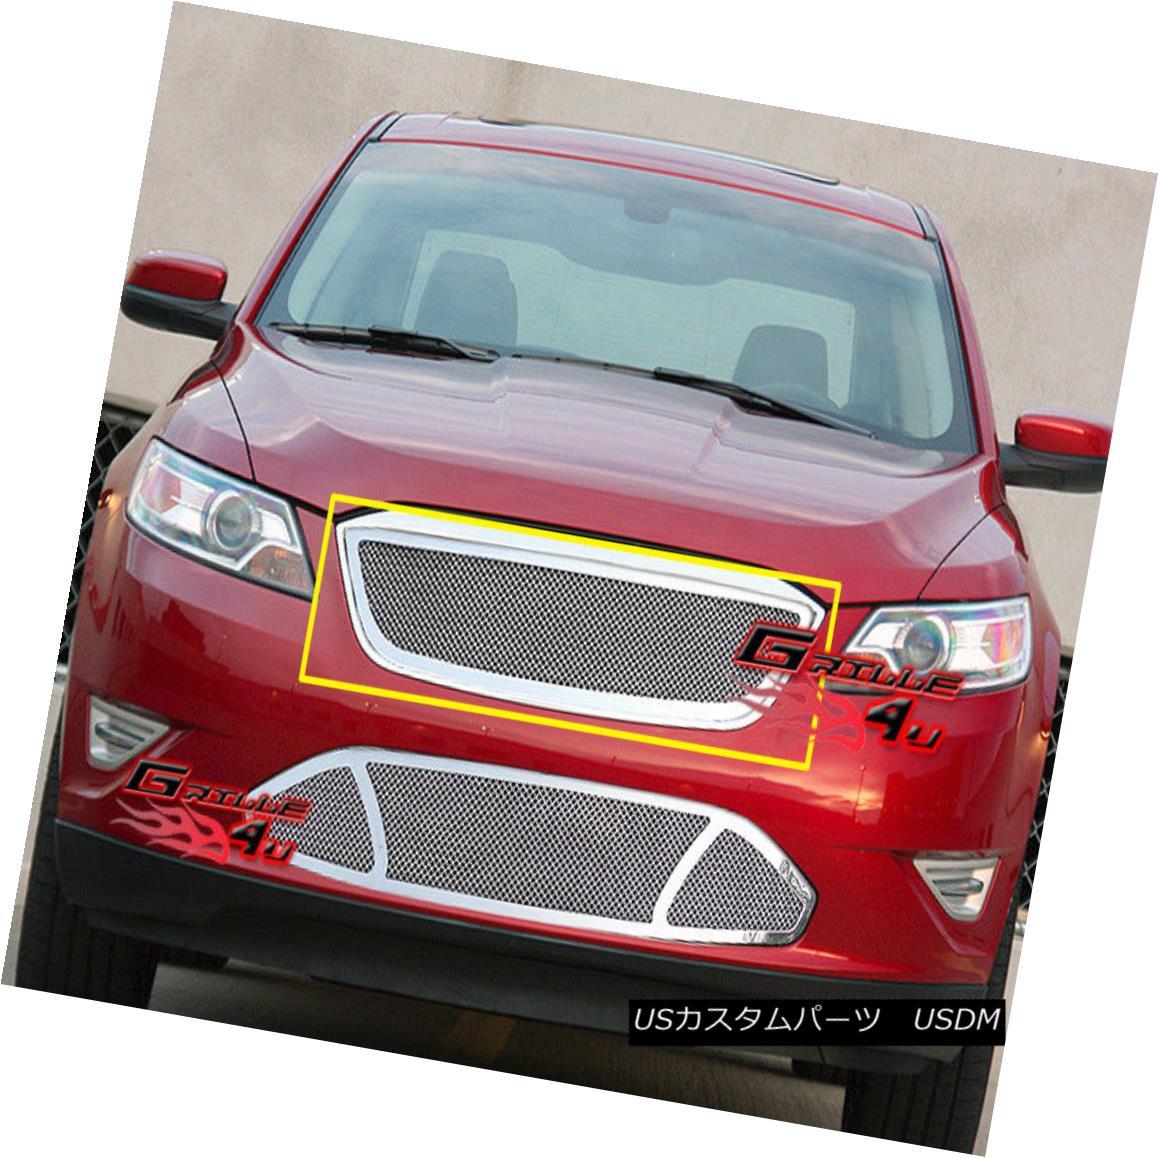 グリル For 2009-2011 Ford Taurus SHO Stainless Steel Mesh Grille Grill Insert 2009 - 2011年フォードトーラスSHOステンレスメッシュグリルグリルインサート